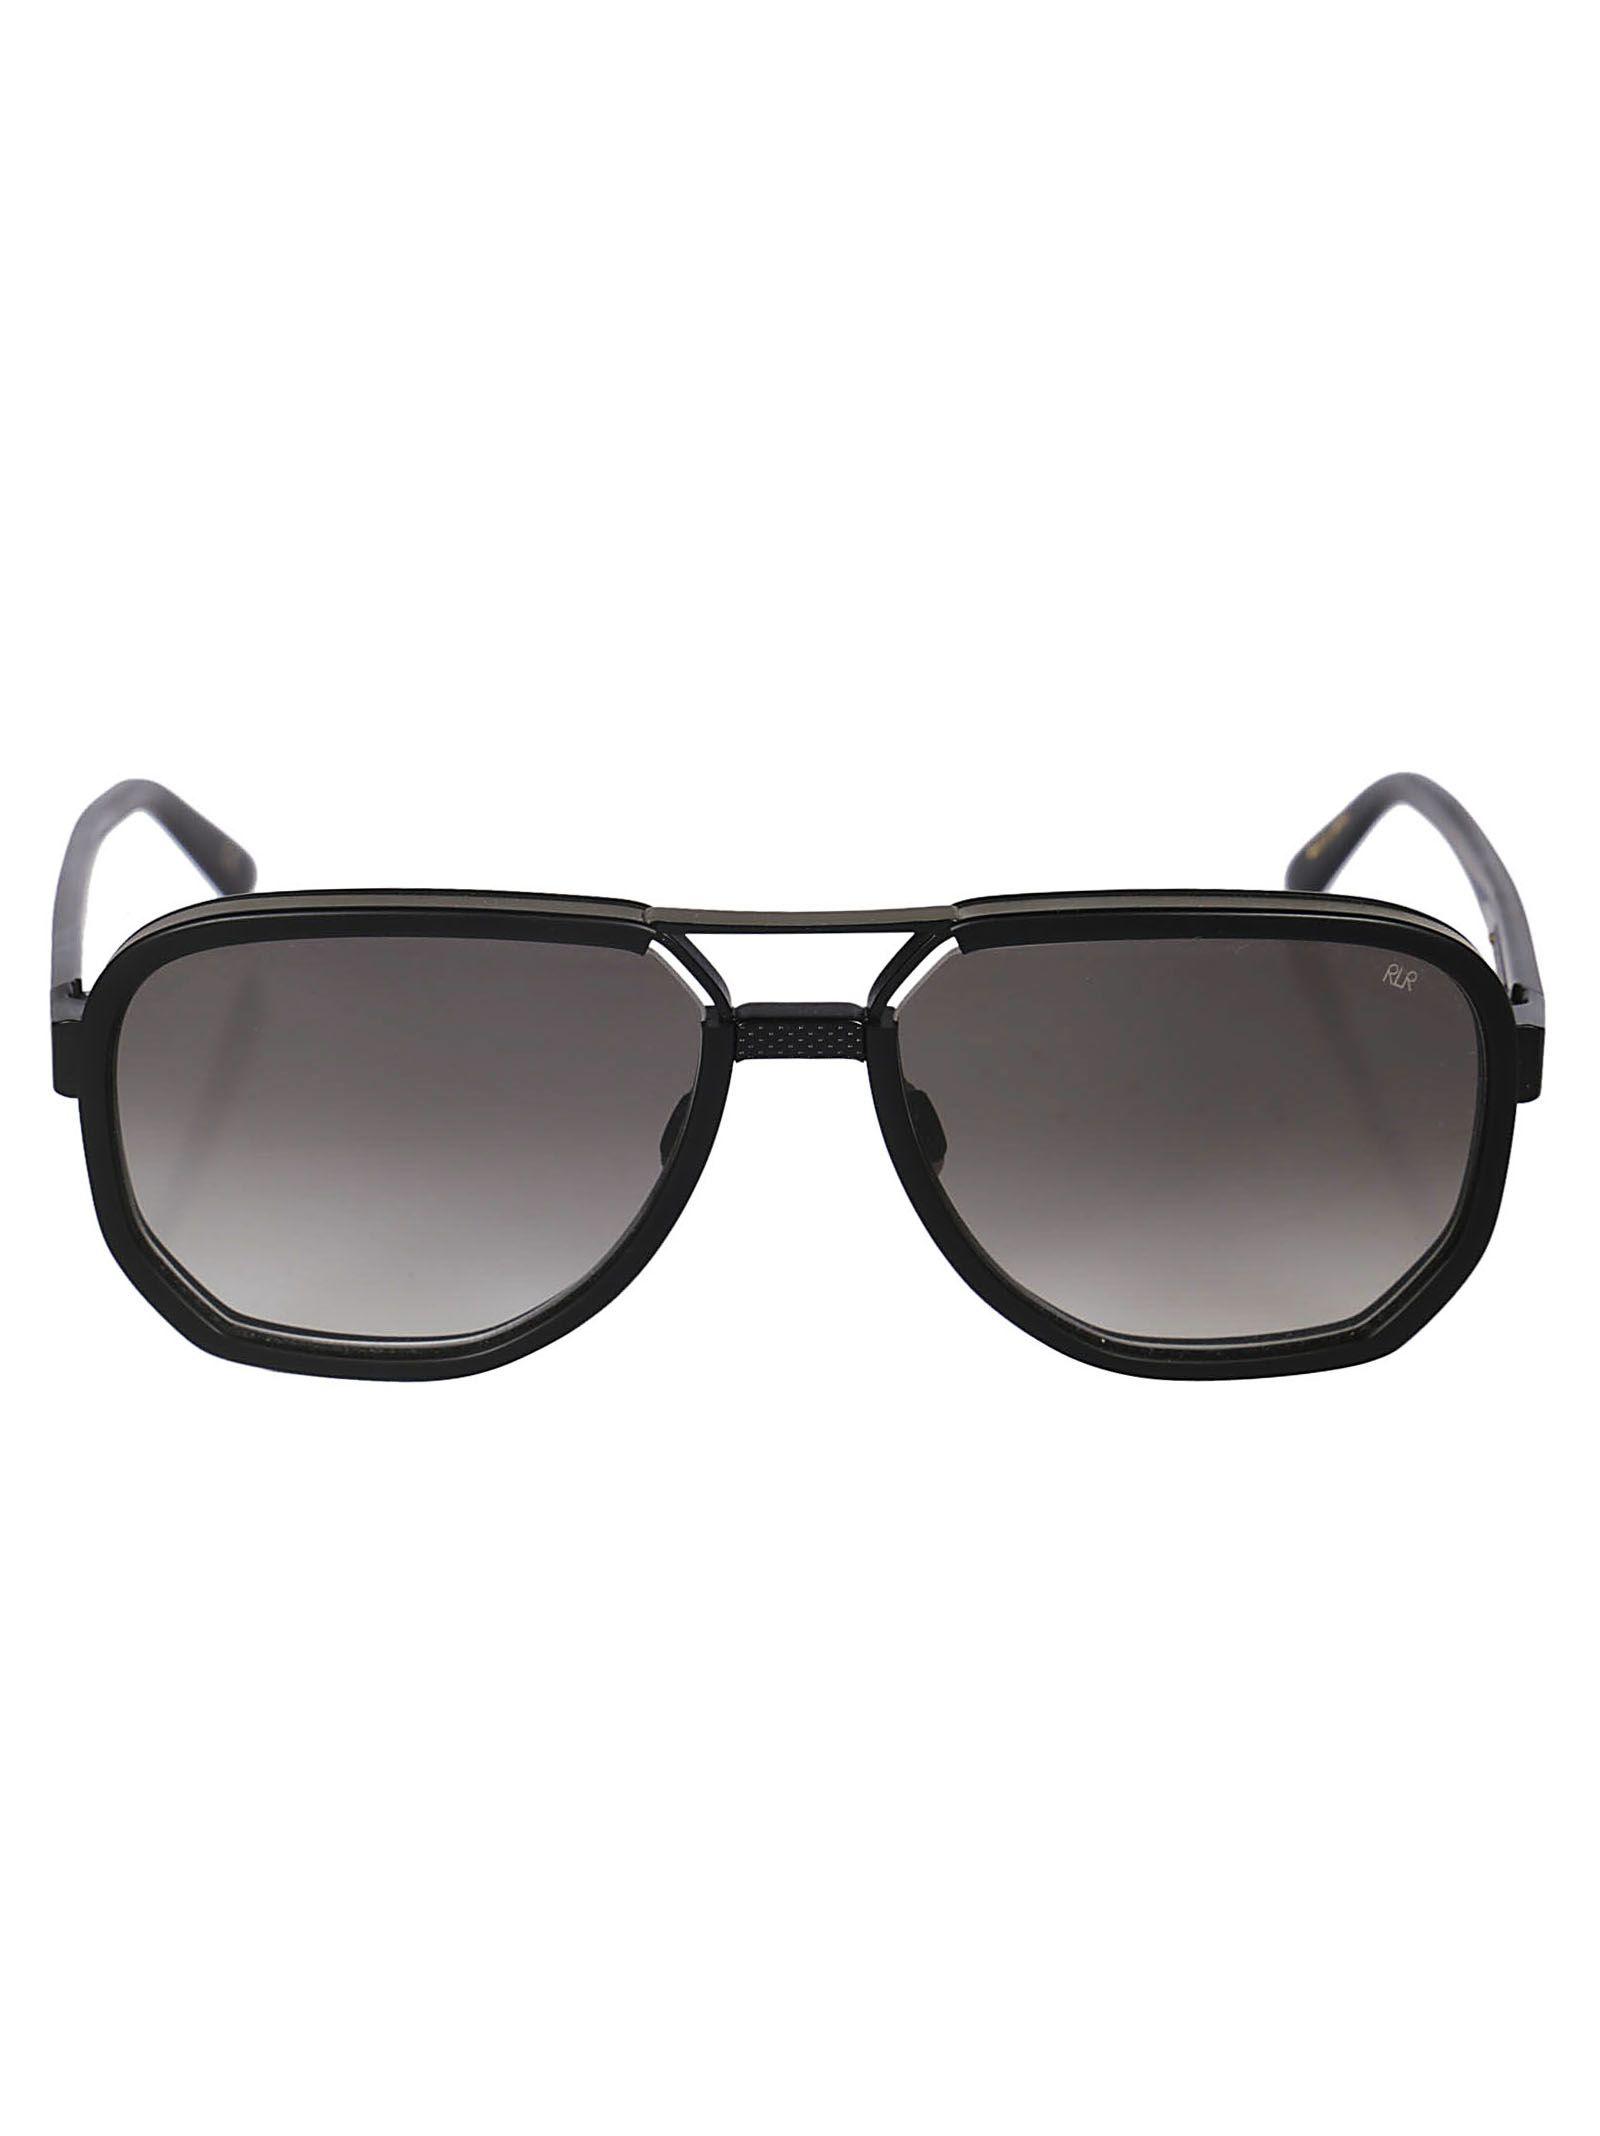 ROBERT LA ROCHE Robert Laroche Dash Sunglasses in Black